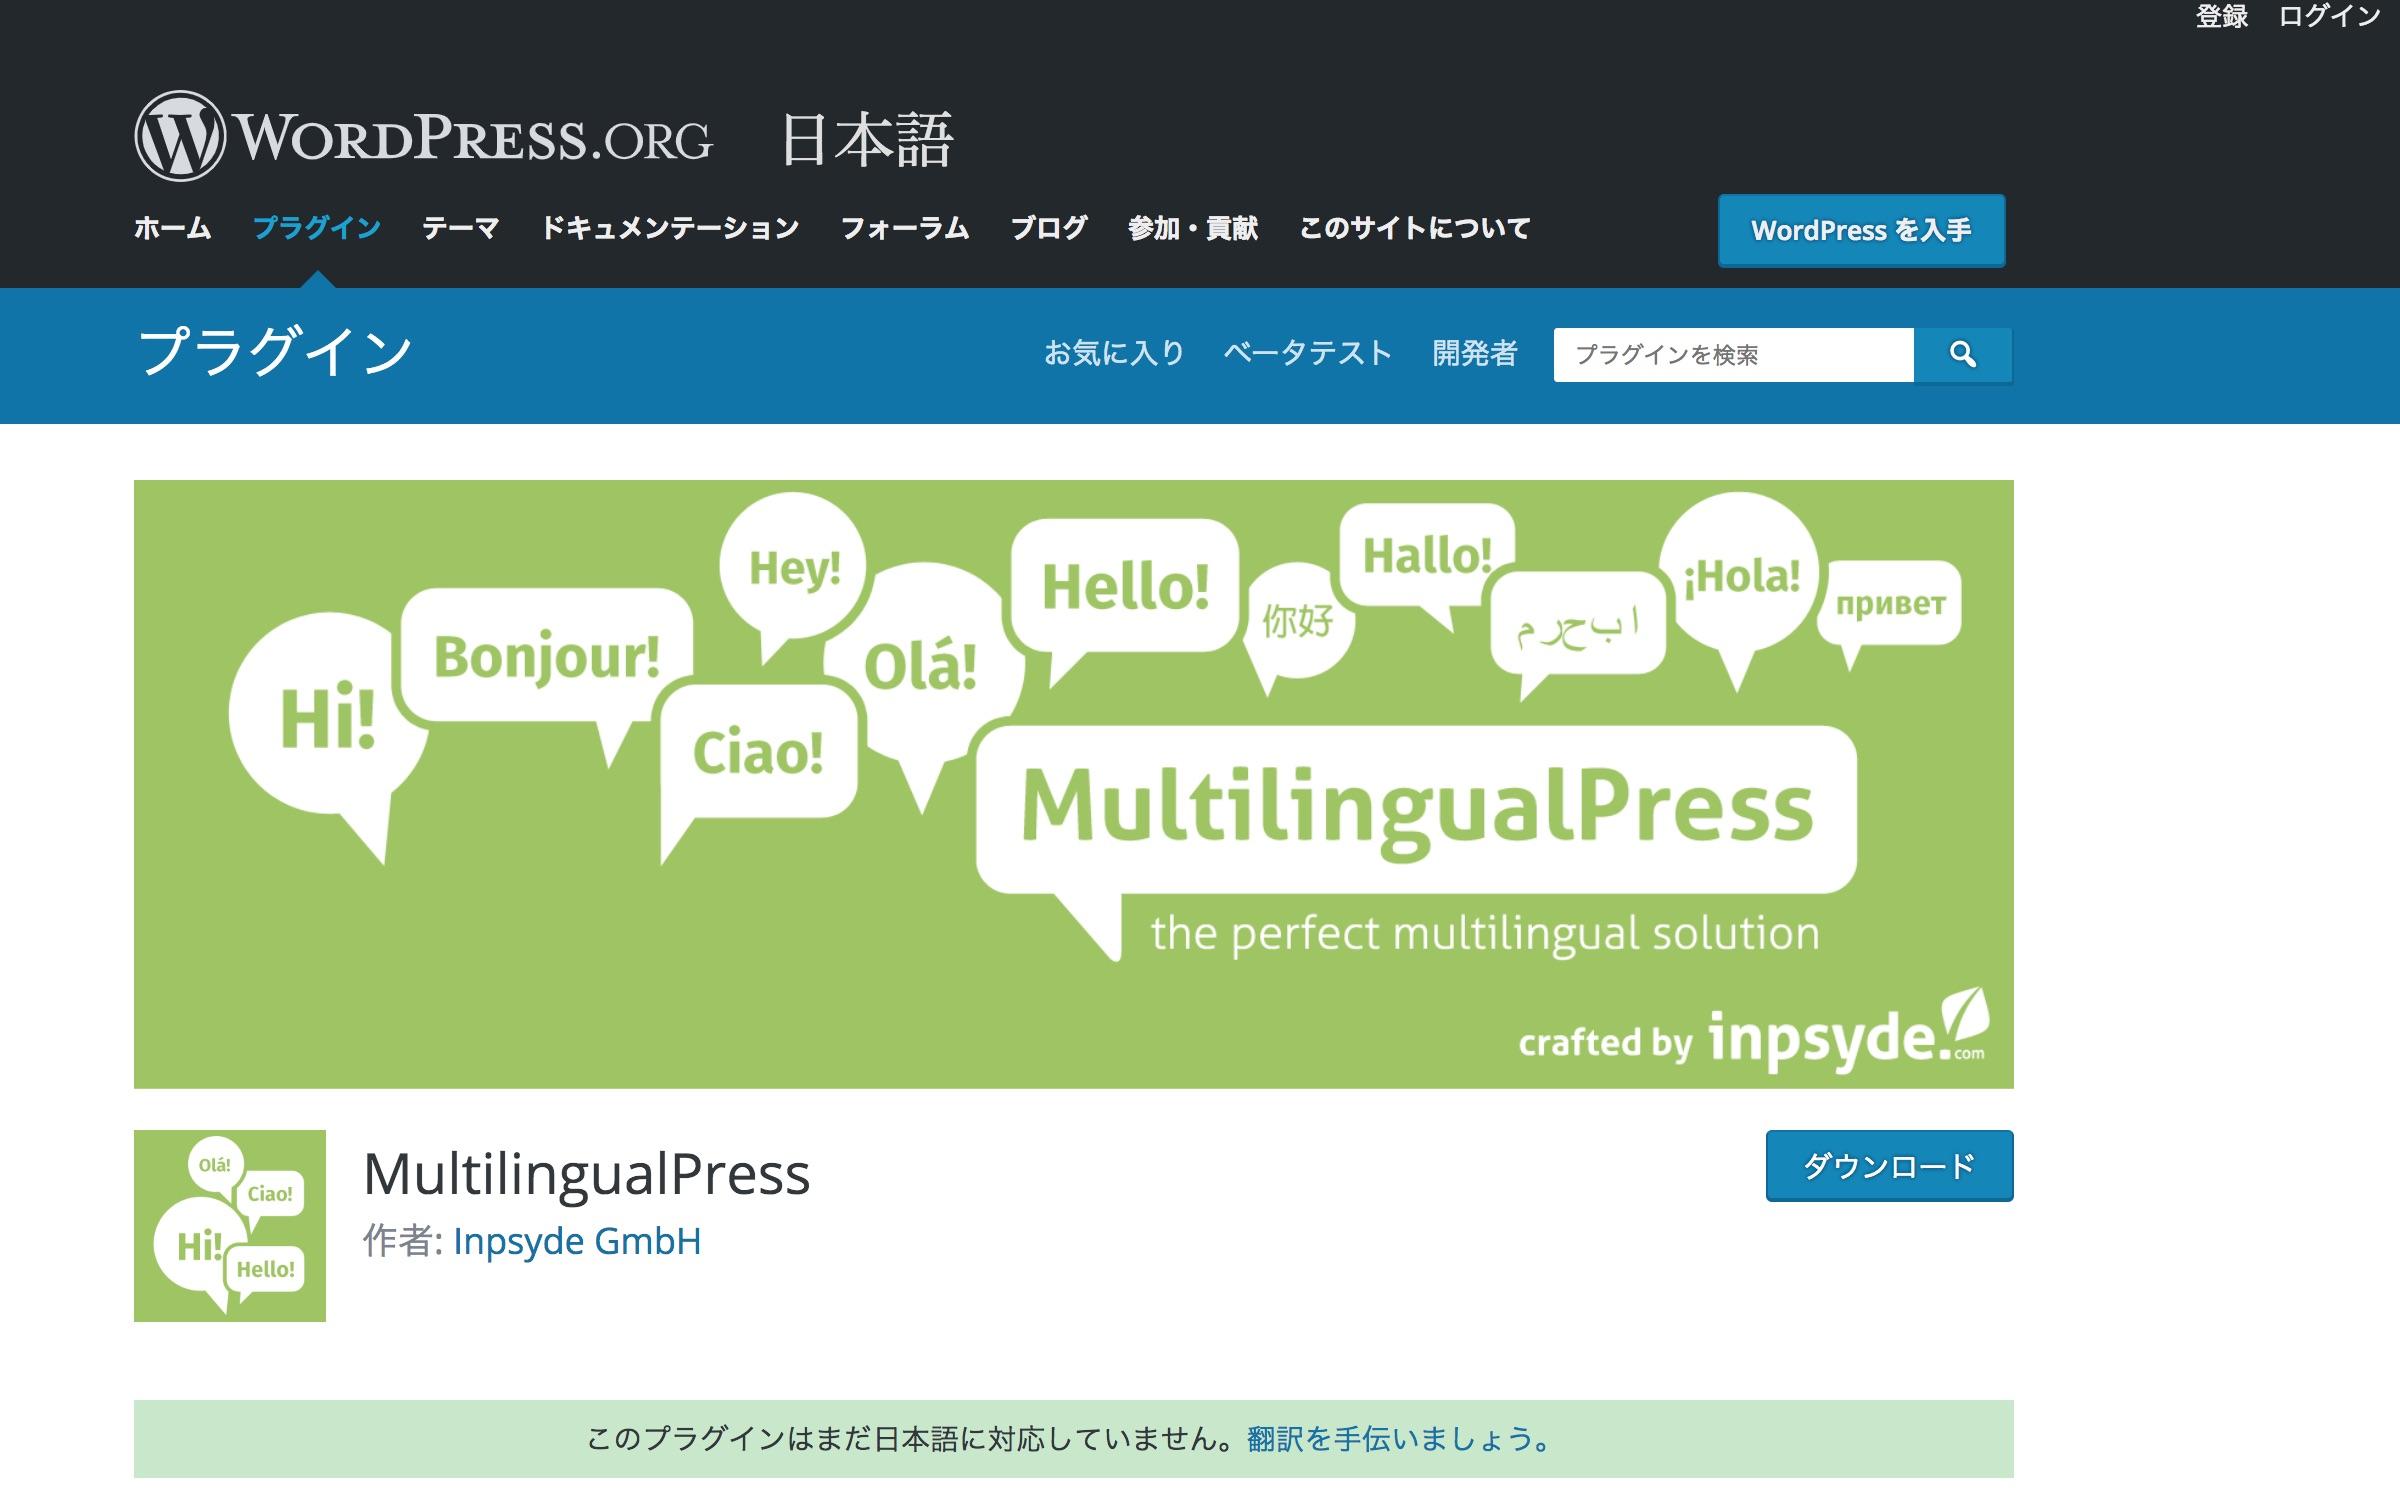 Multilinqual Press